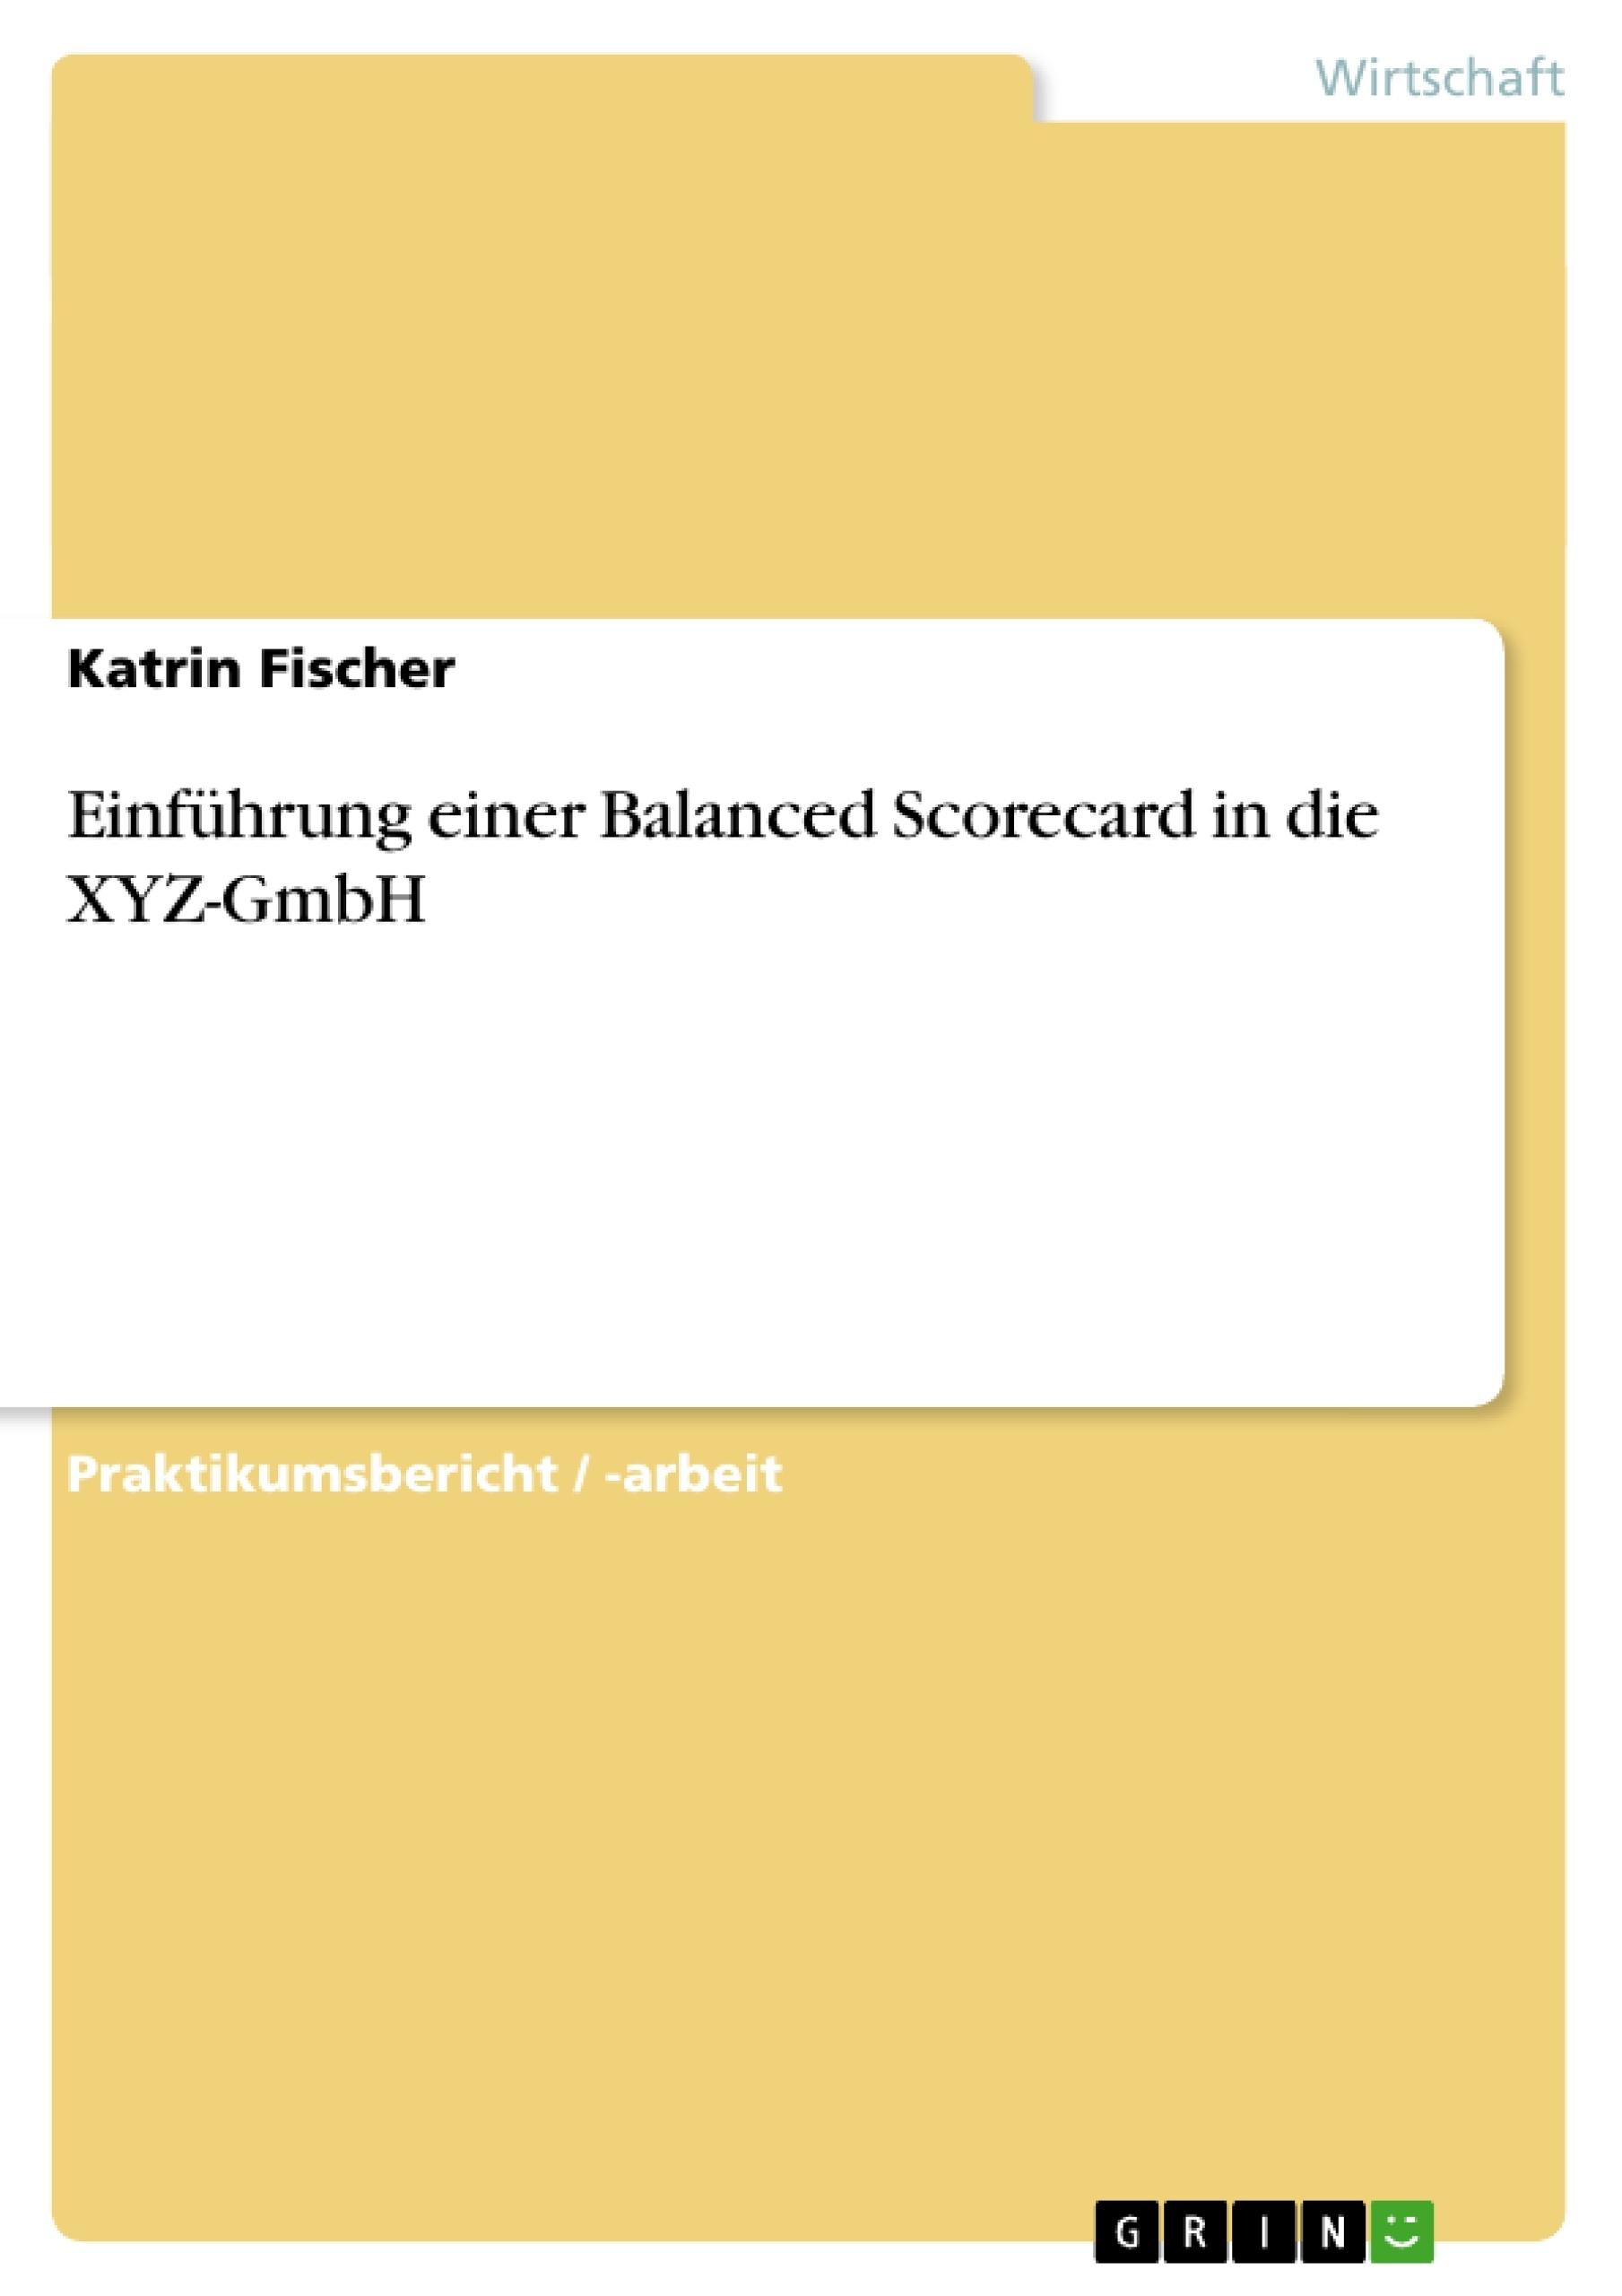 Titel: Einführung einer Balanced Scorecard in die XYZ-GmbH